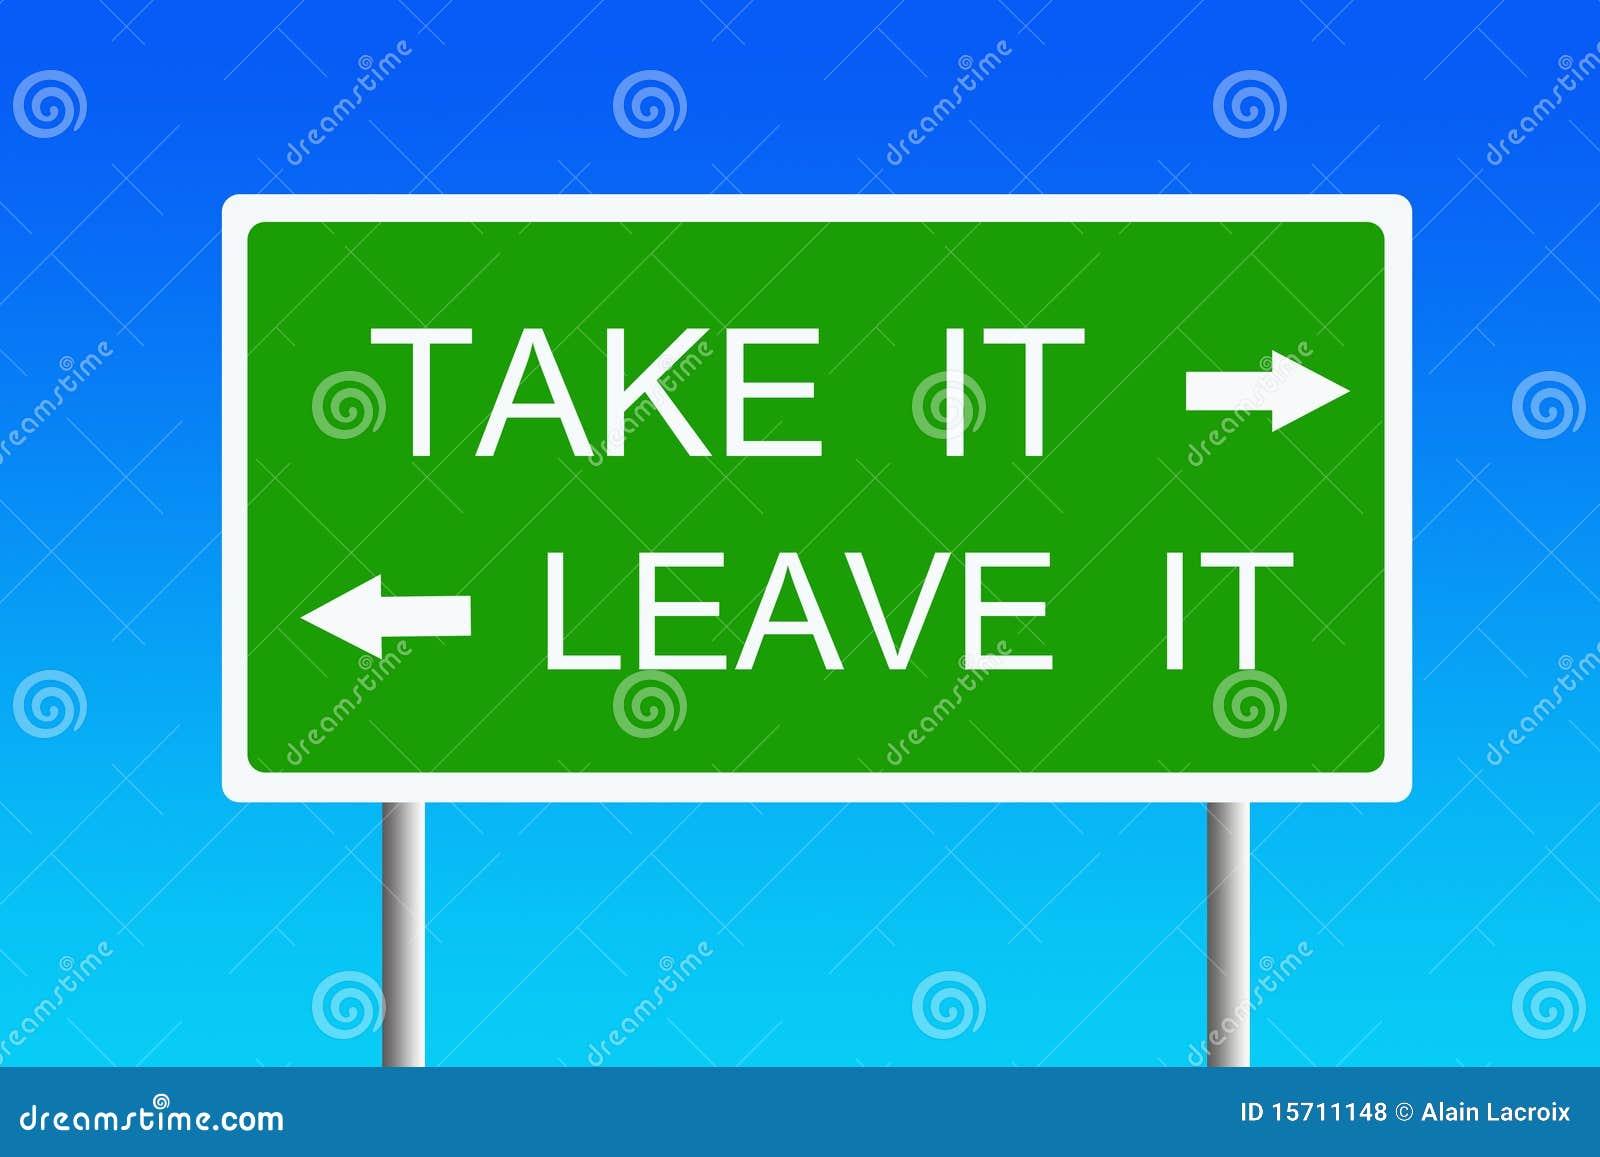 Tome-a ou deixe-a